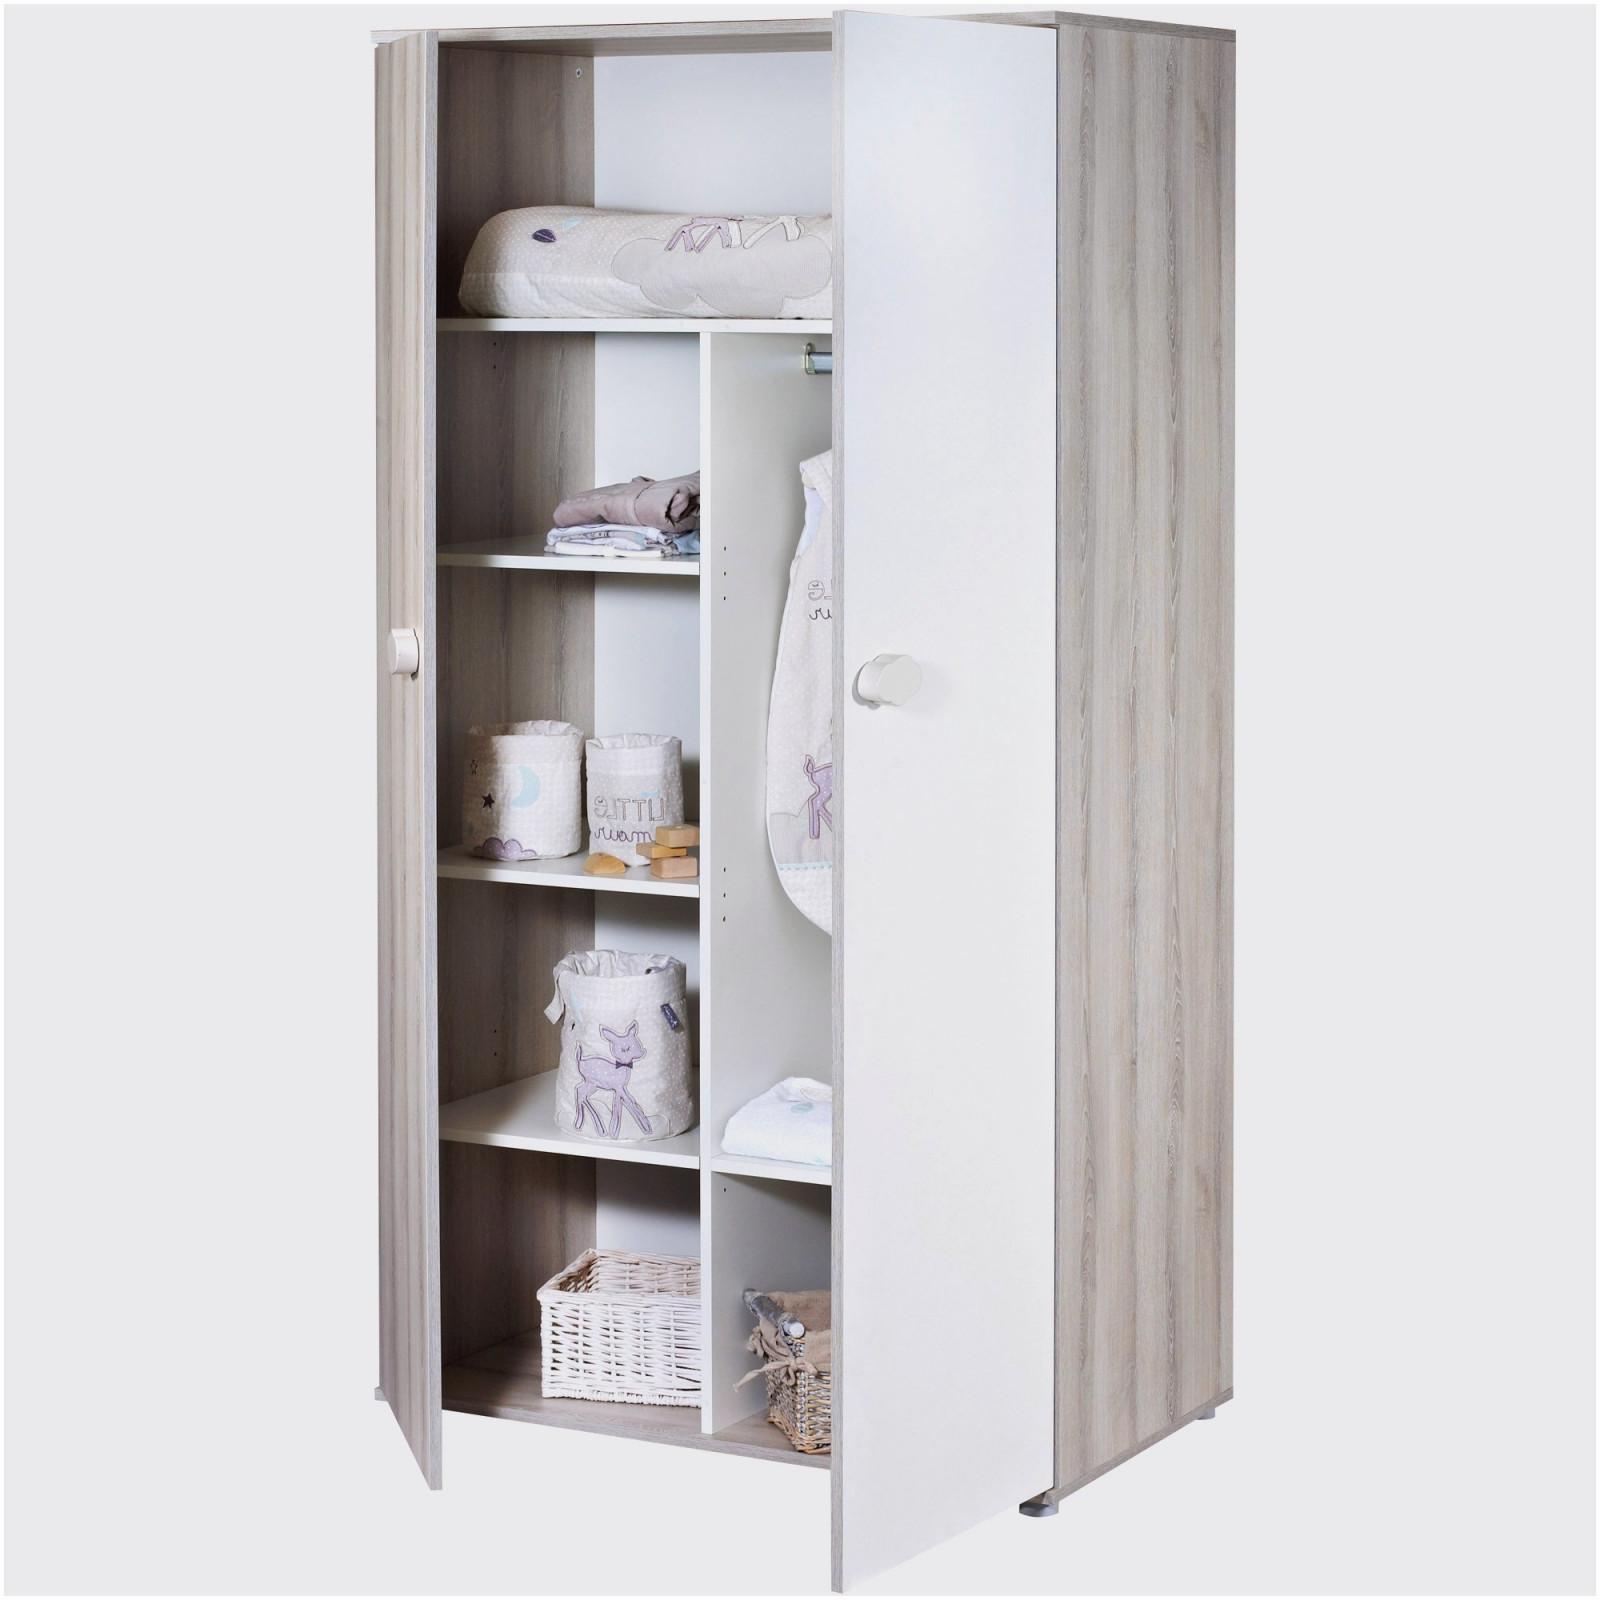 meuble faible profondeur meuble cuisine profondeur 40 moderne meuble bas cuisine faible of meuble faible profondeur